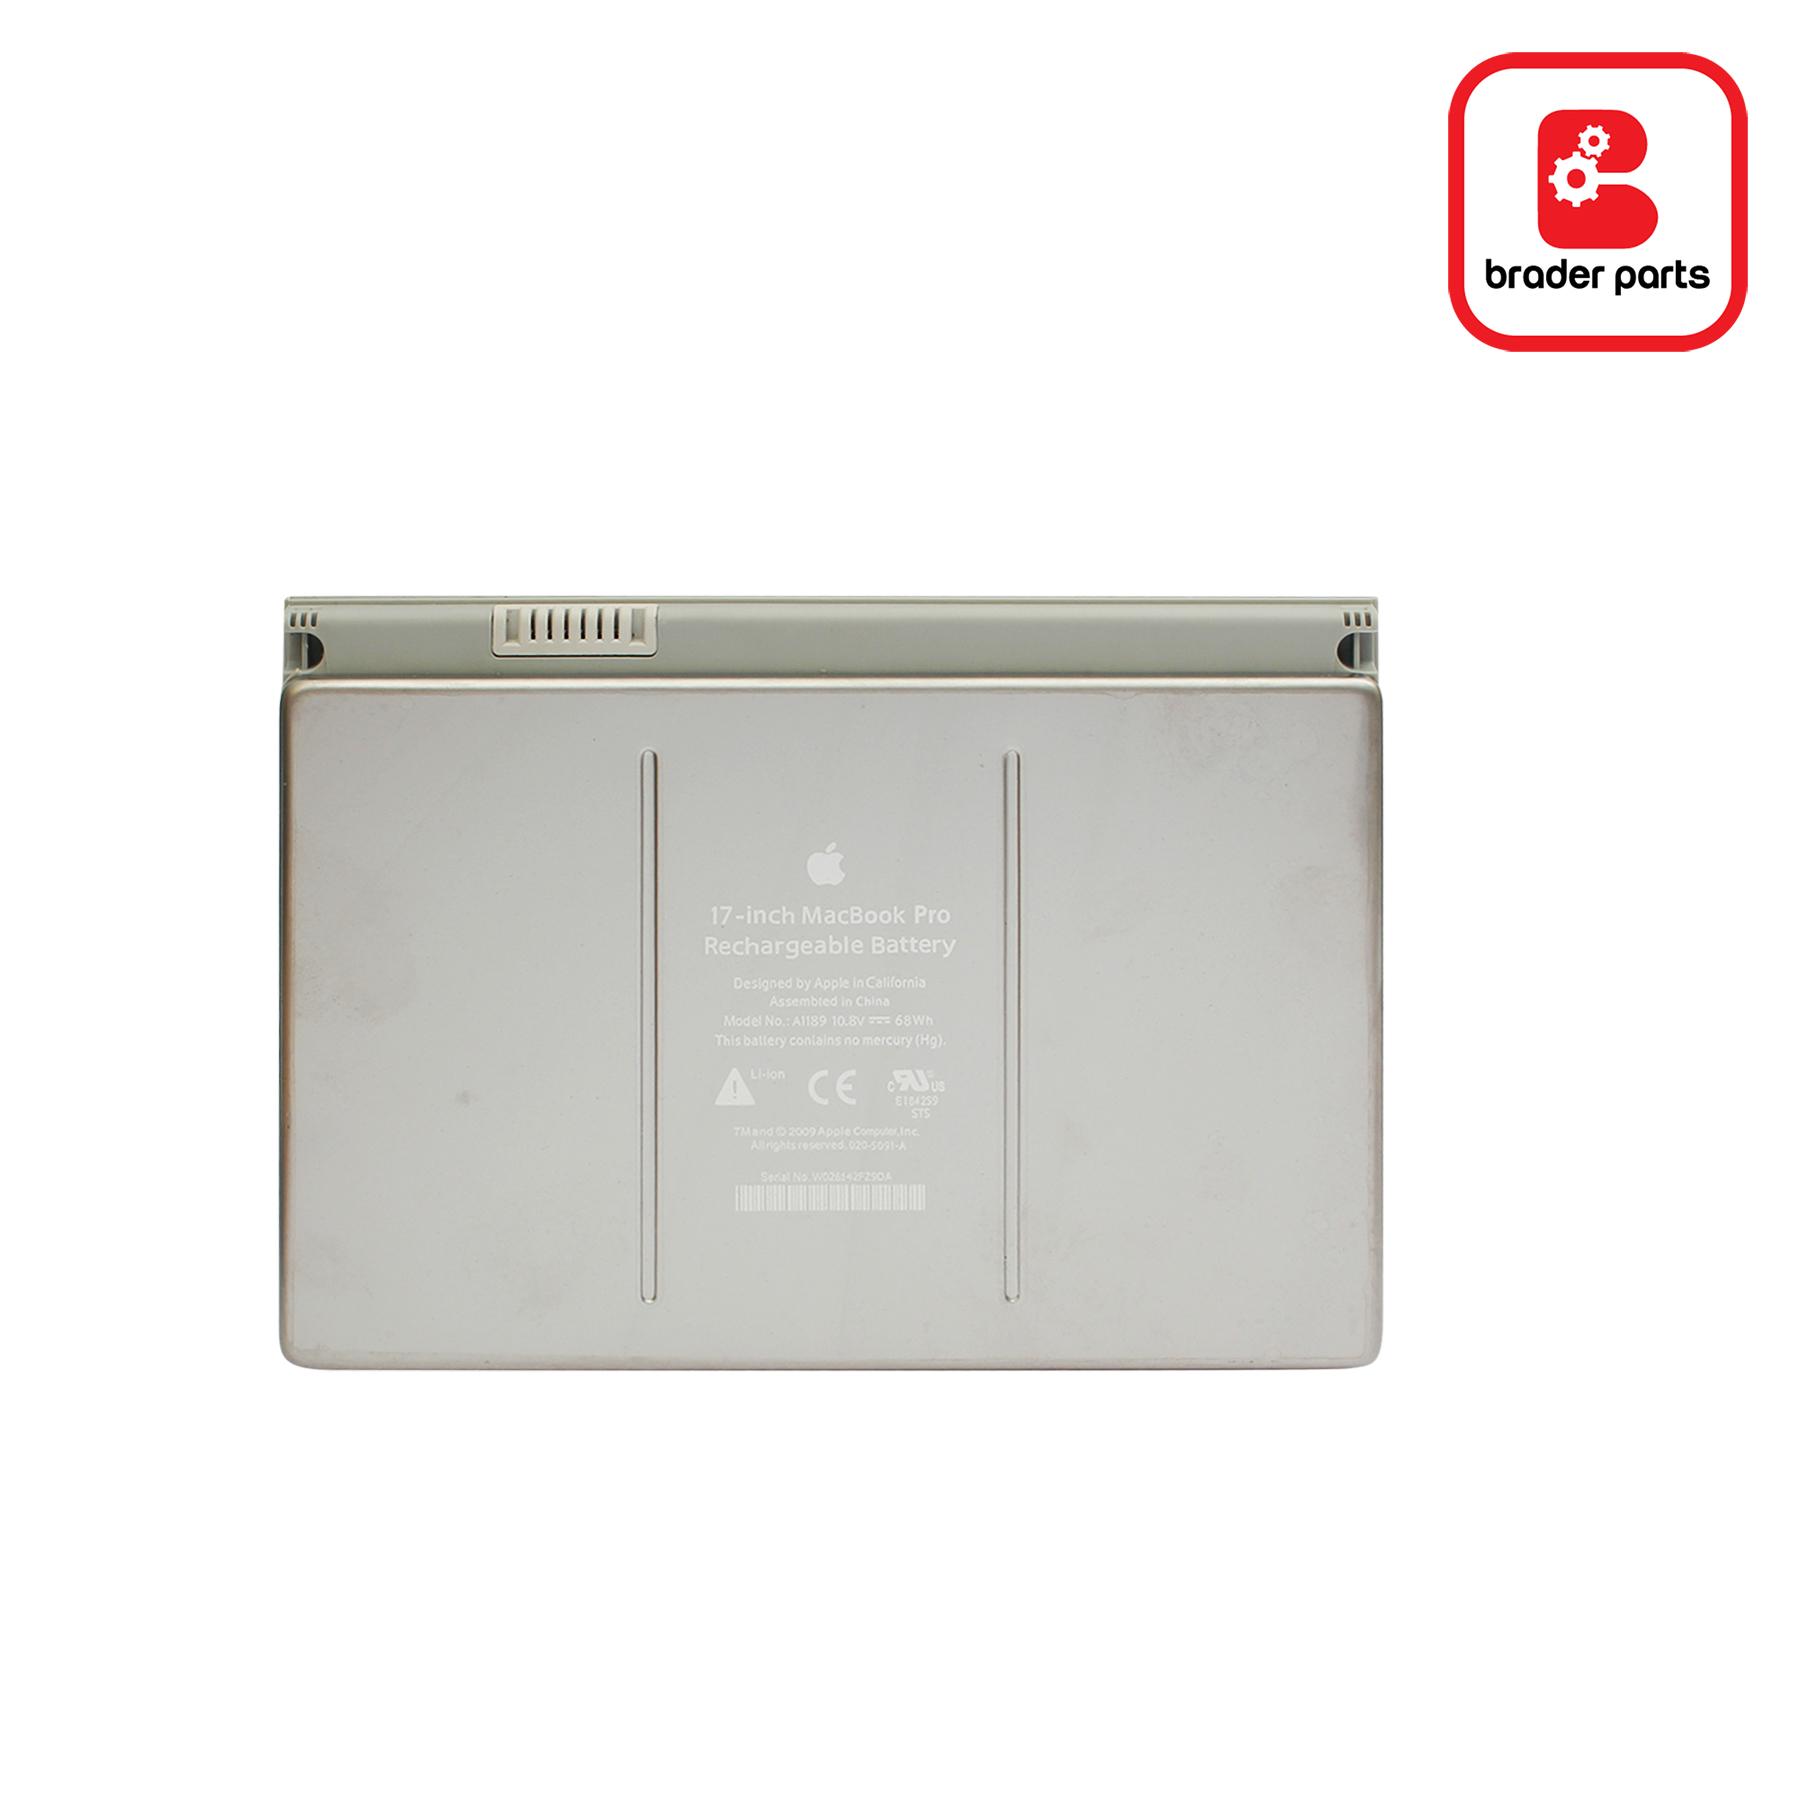 """Baterai Macbook Pro 17"""" A1229 (A1189)"""